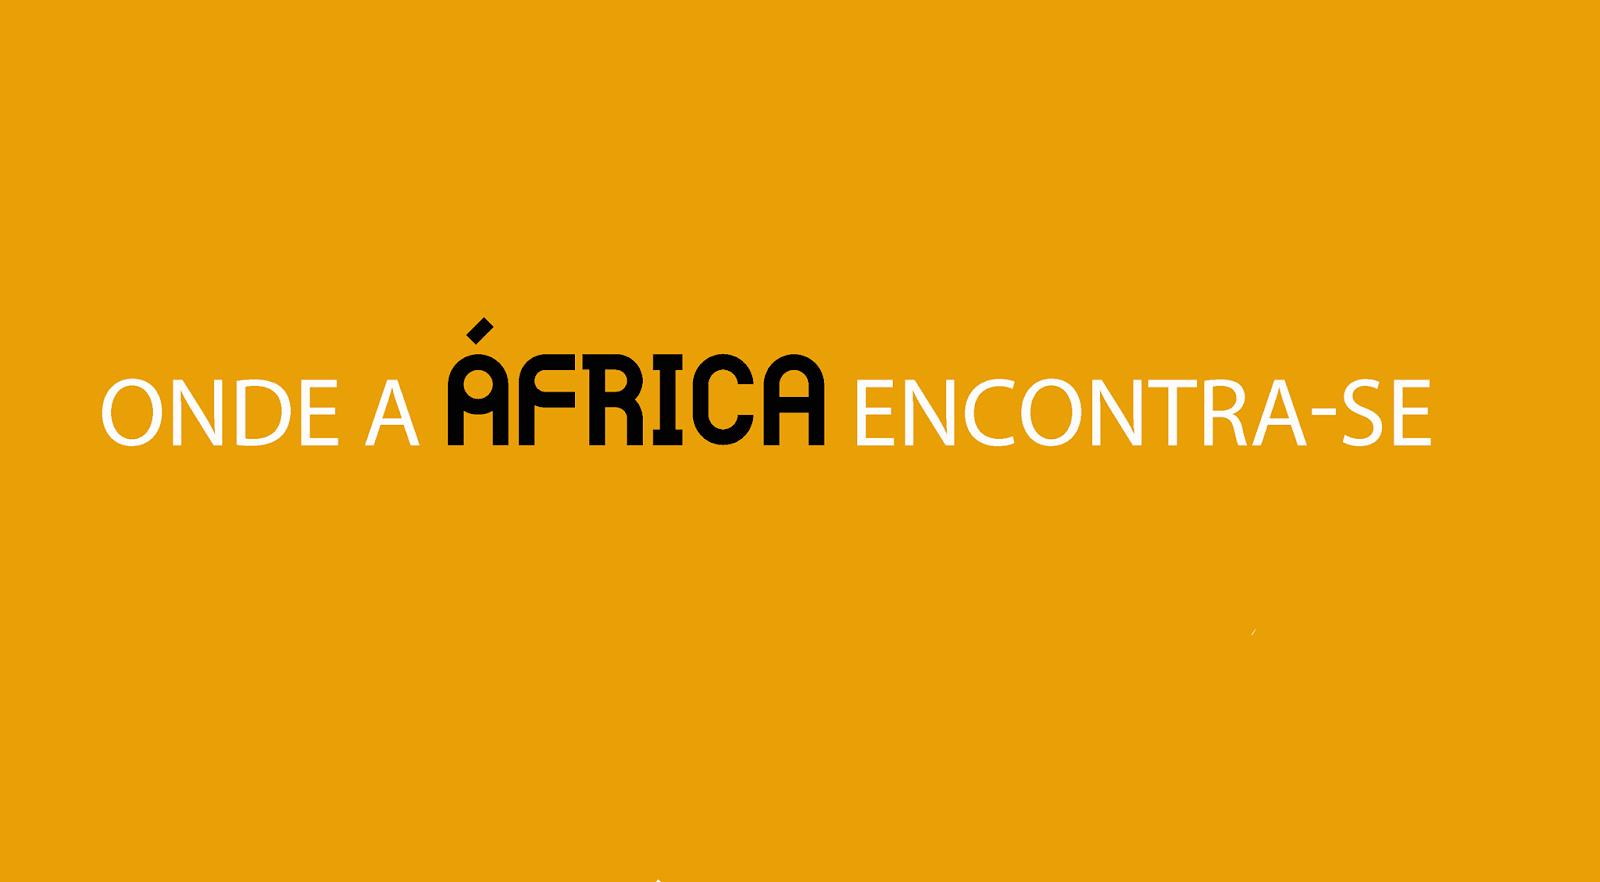 África Fama - Onde a África encontra-se